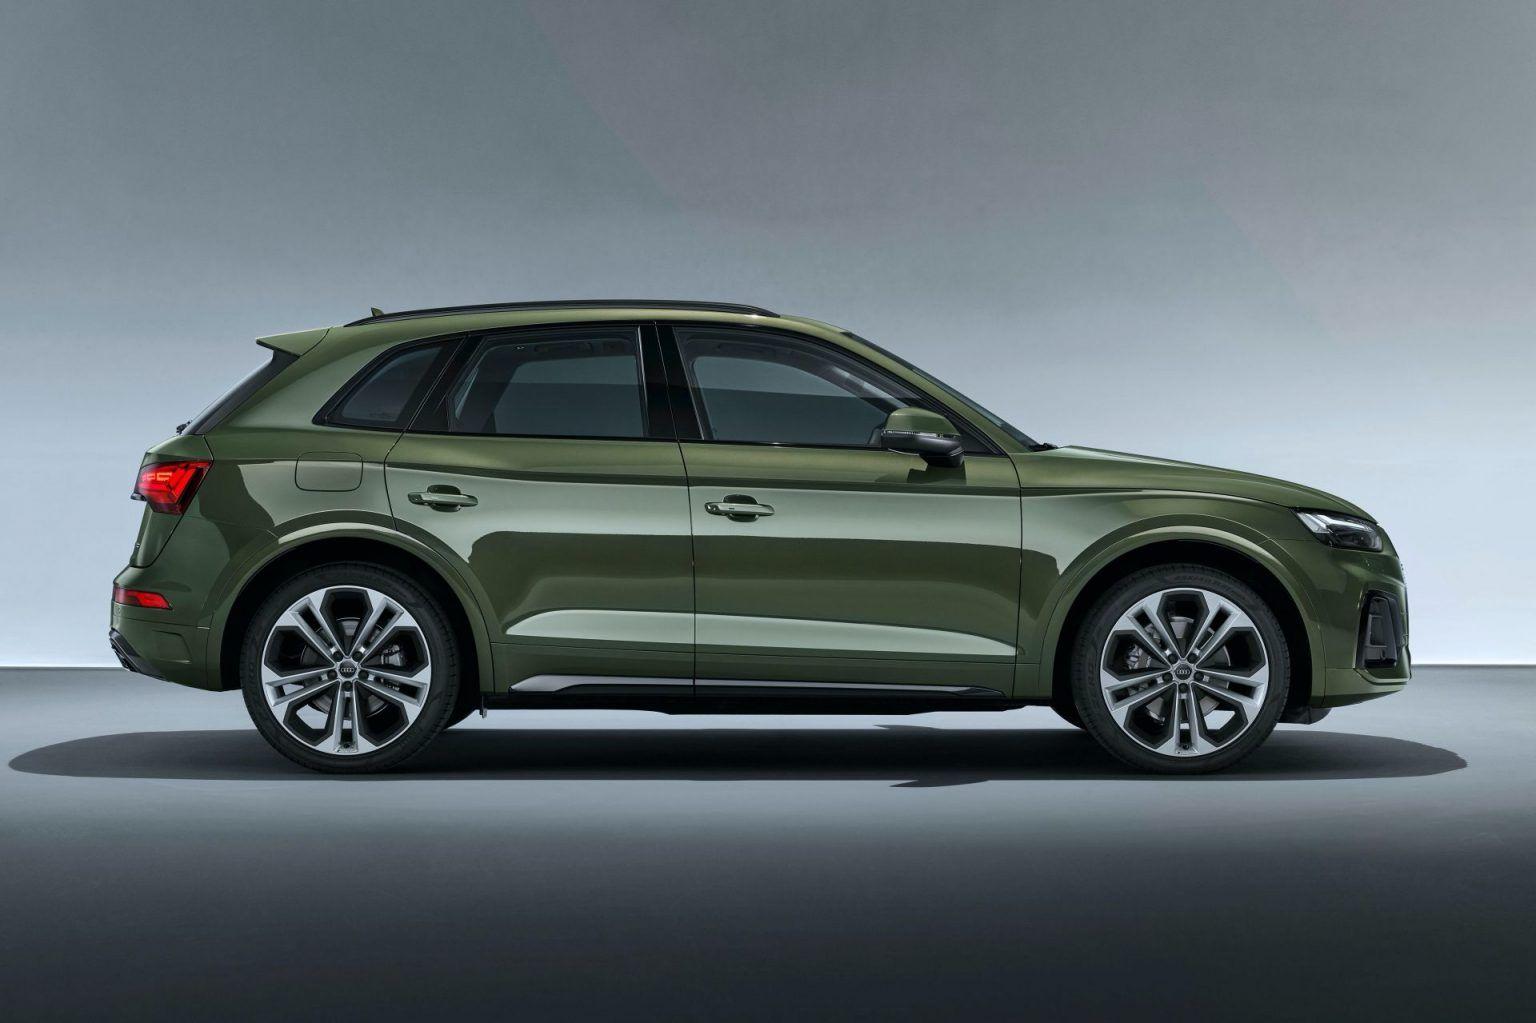 2021 Audi Q5 Facelift Audi Q5 Audi Automobile